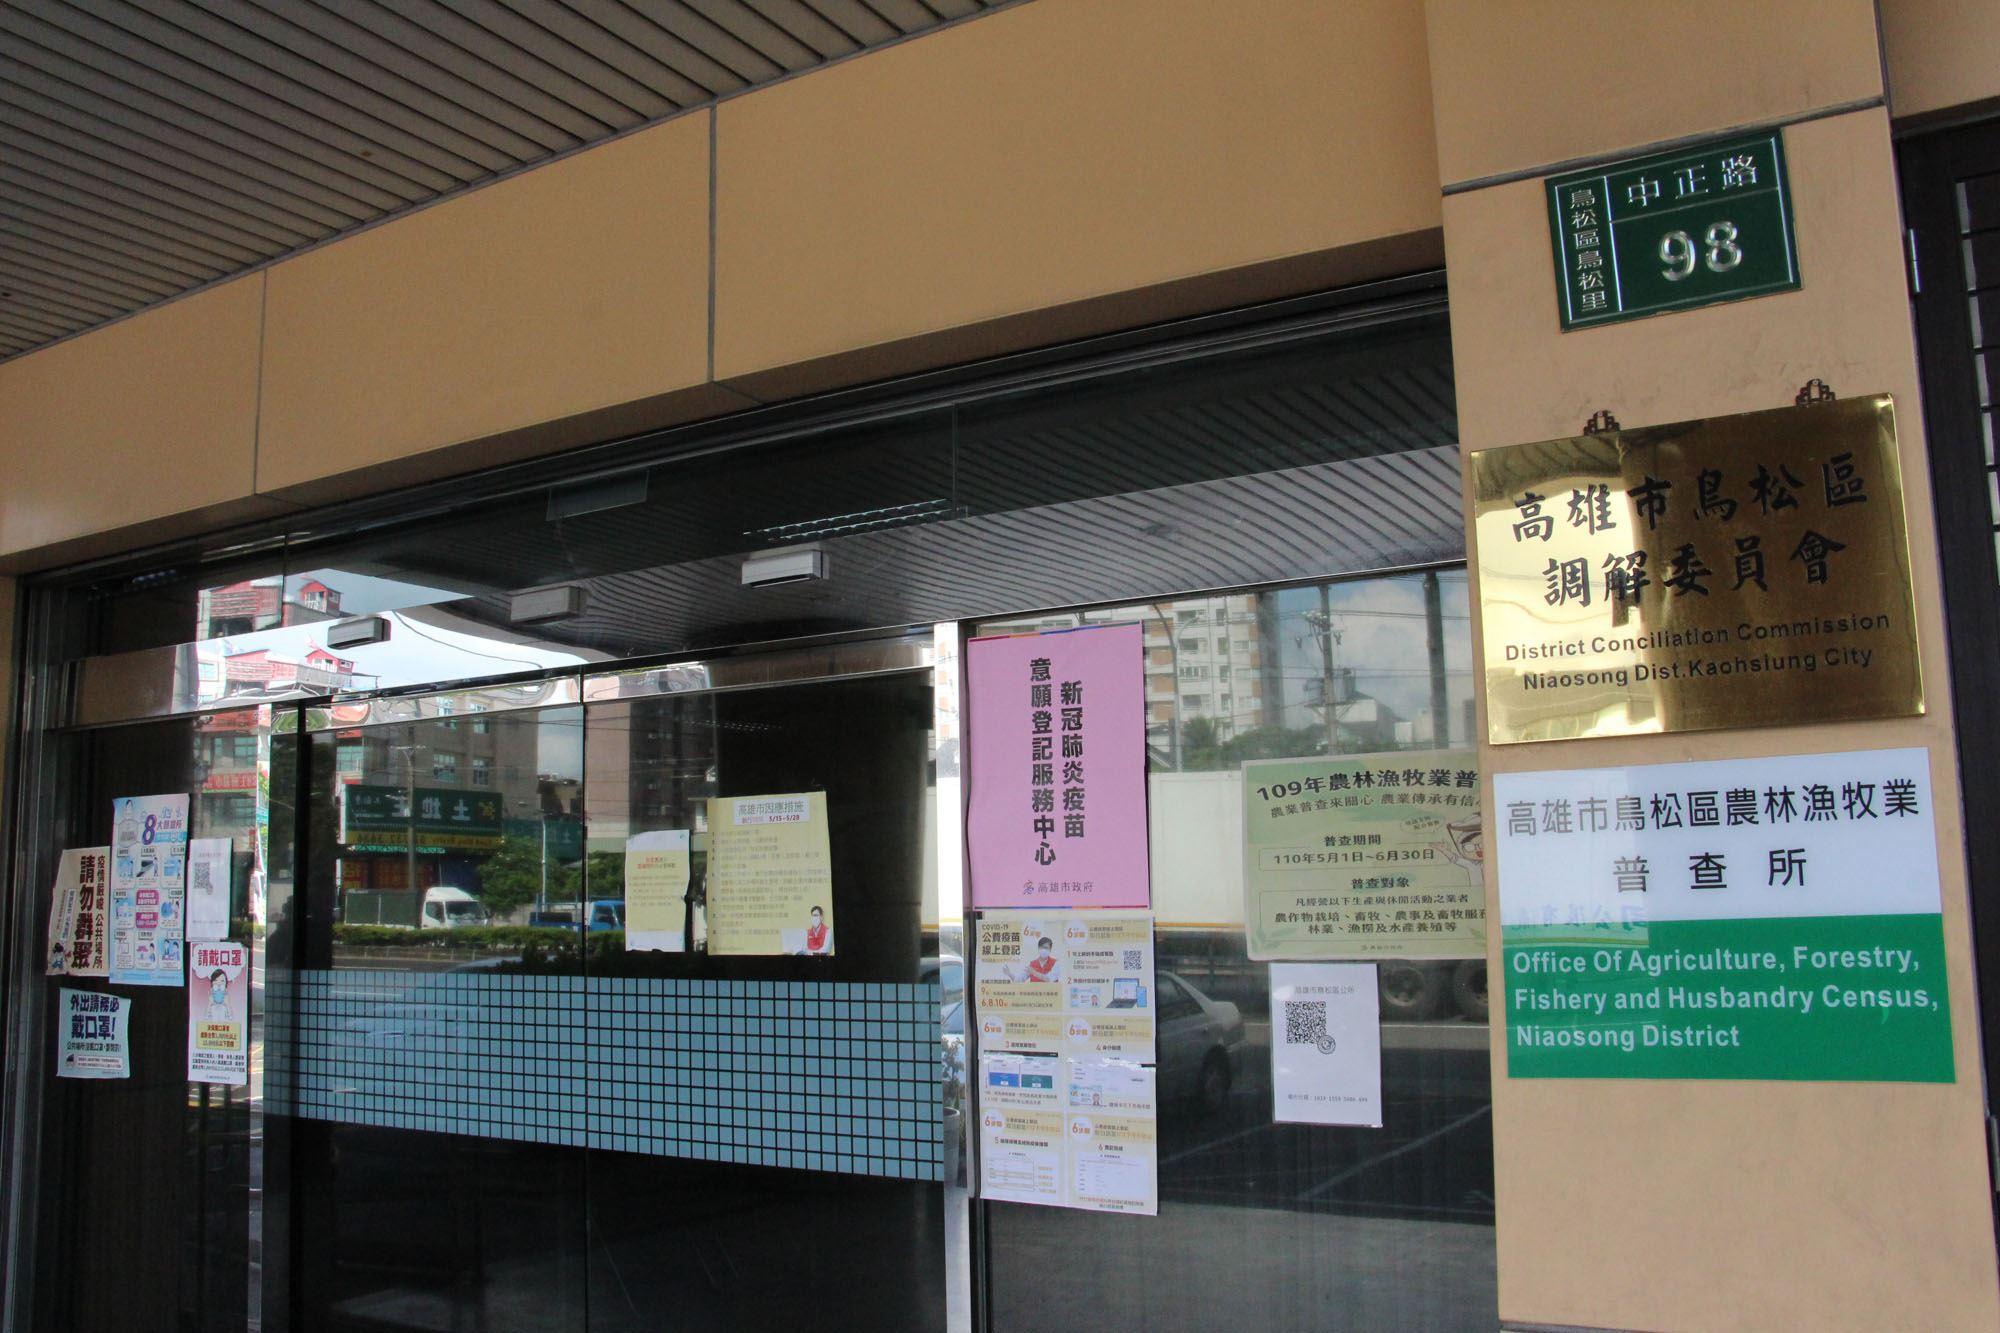 1100713鳥松區公所05.JPG.jpg